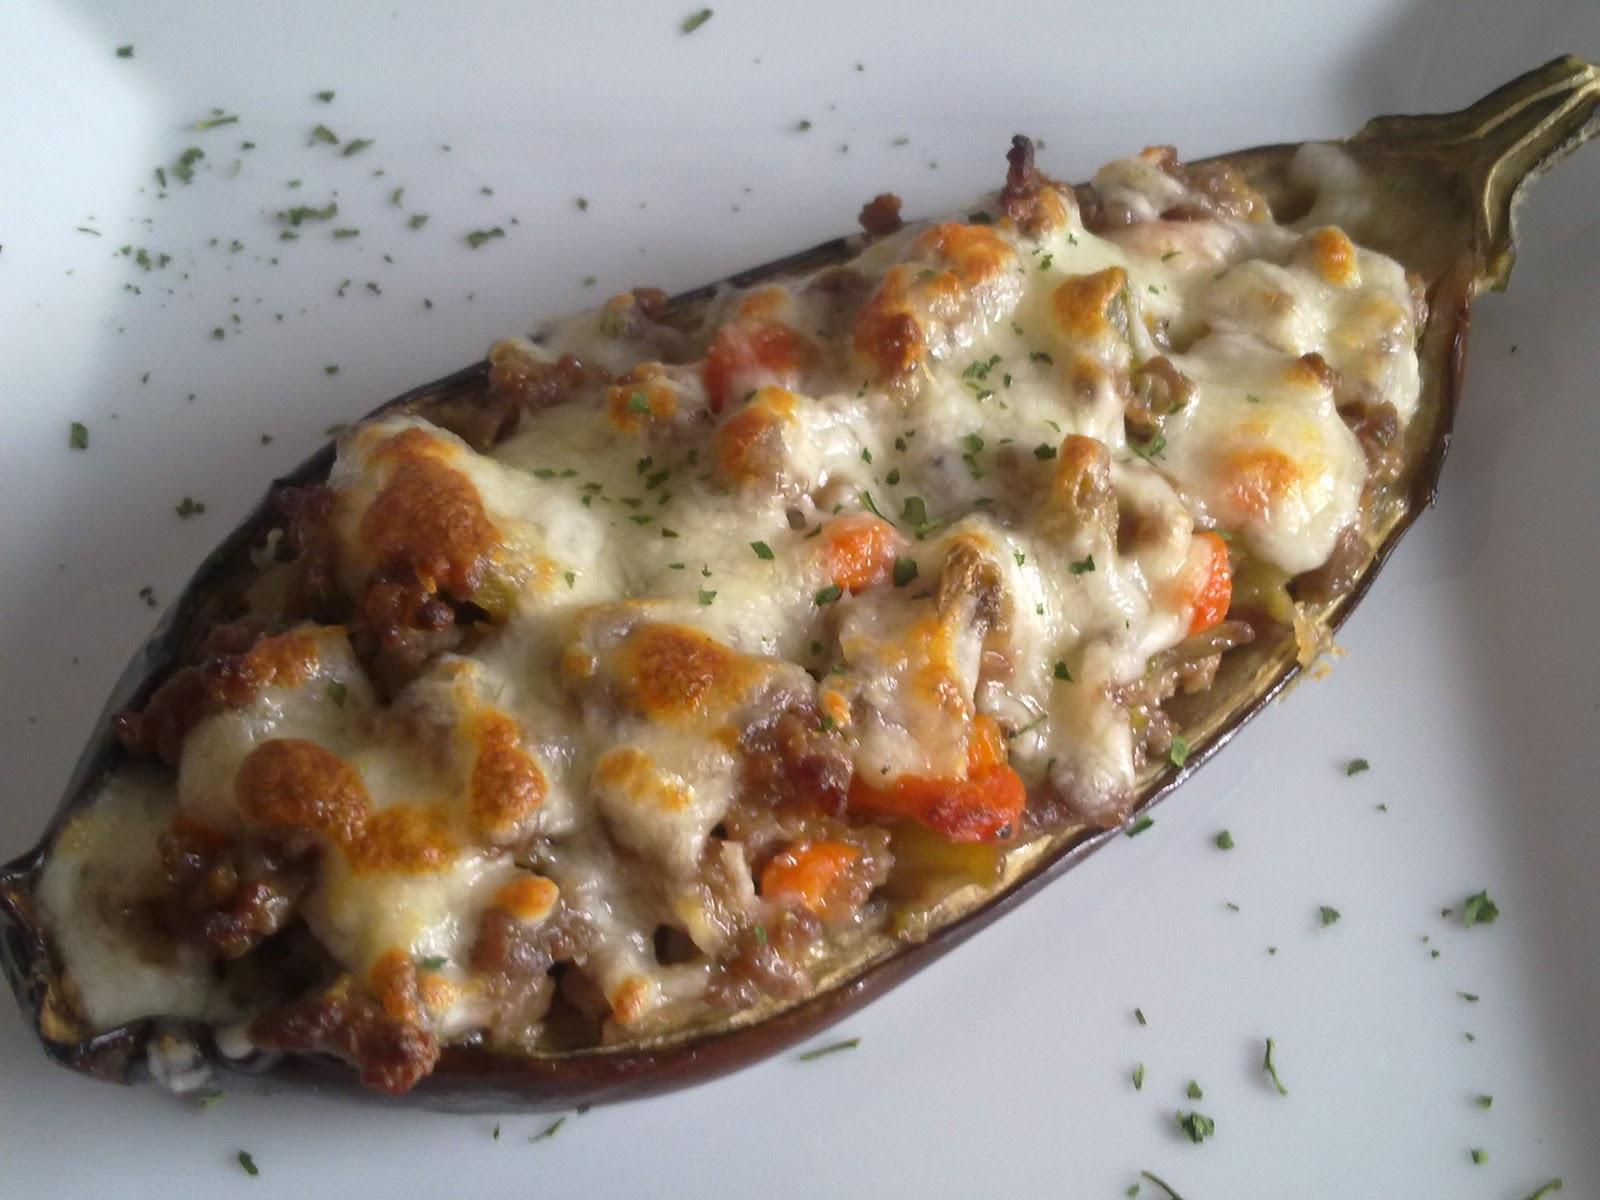 Mis recetas de cocina berenjenas rellenas de carne picada for Cocina berenjenas rellenas